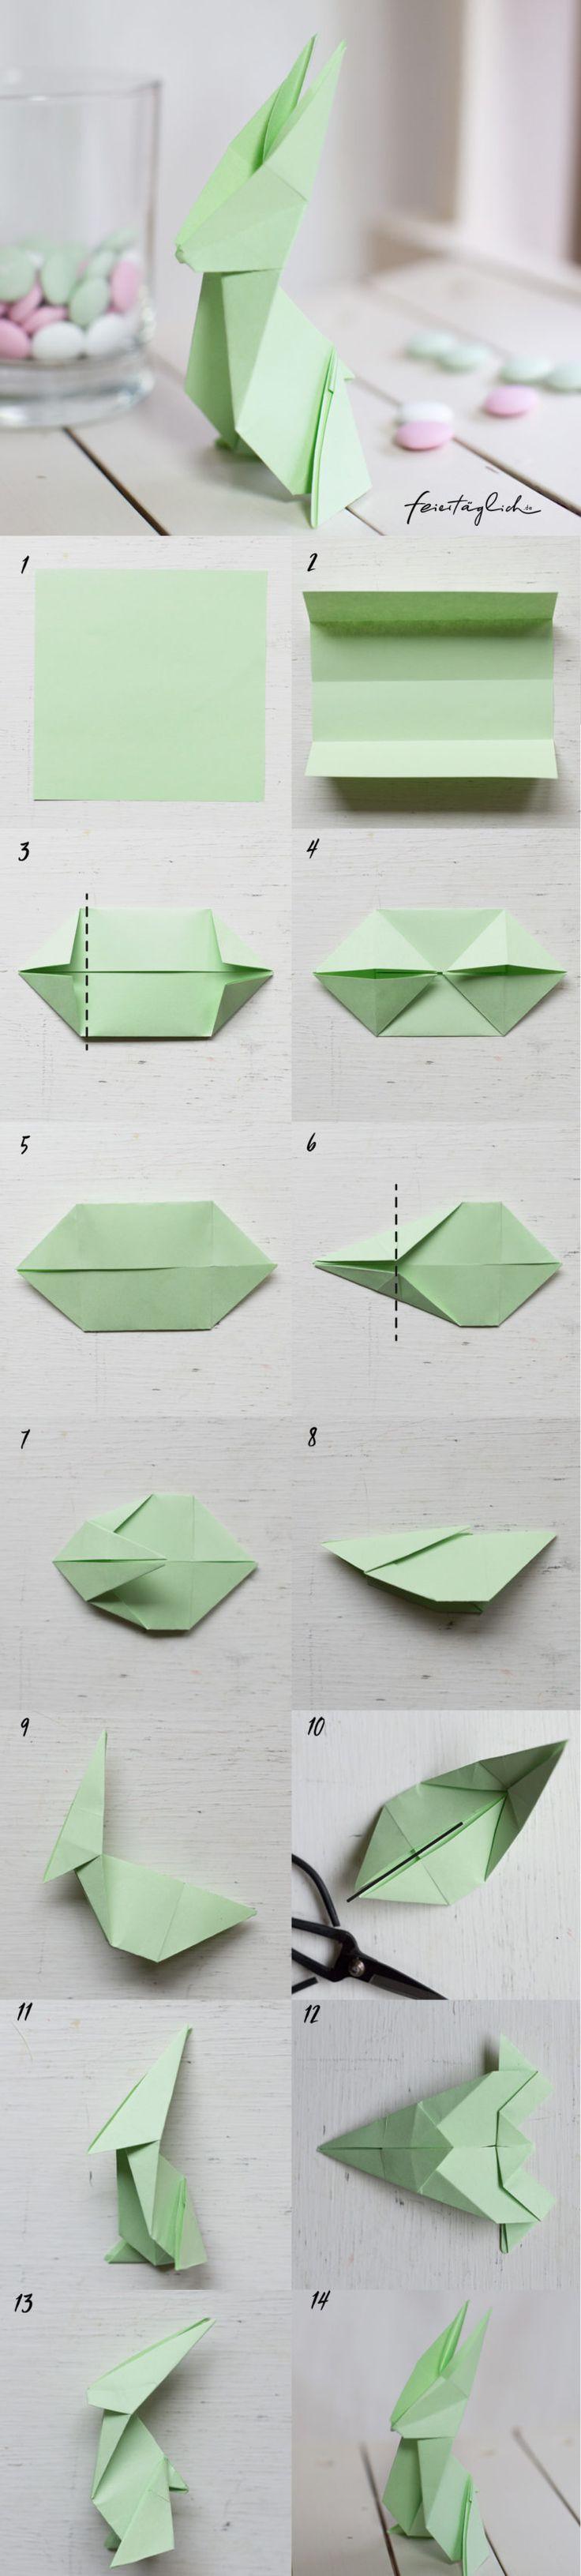 Origami Hase Faltanleitung DIY aus Papier